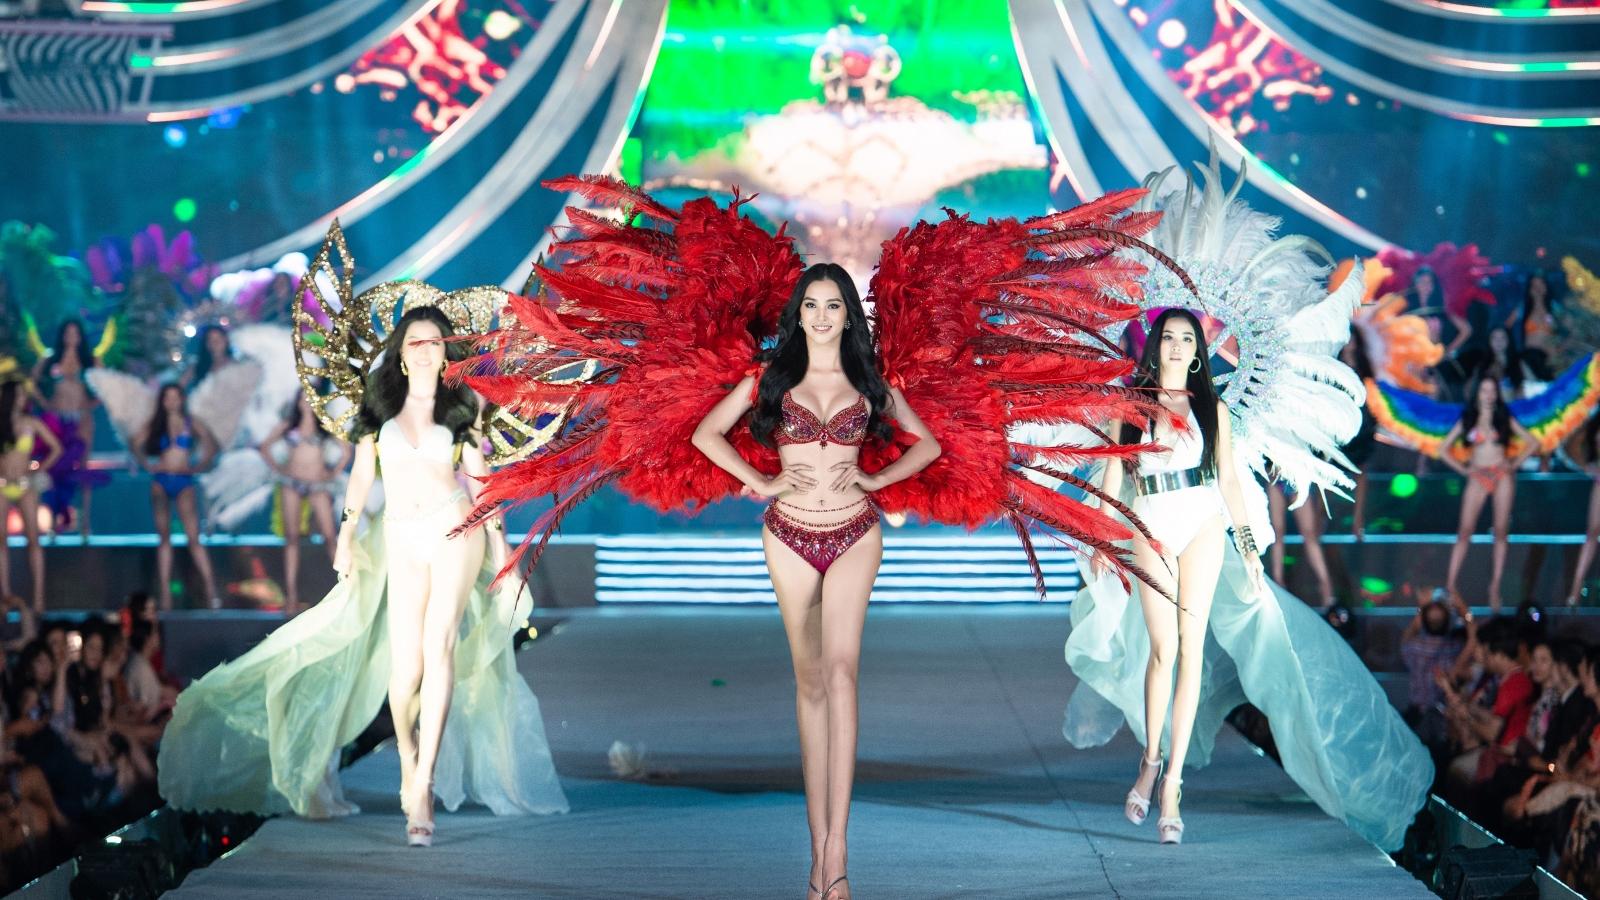 """Tiểu Vy, Phương Nga, Thúy An """"đốt cháy"""" sàn catwalk tại phần thi Người đẹp biển"""